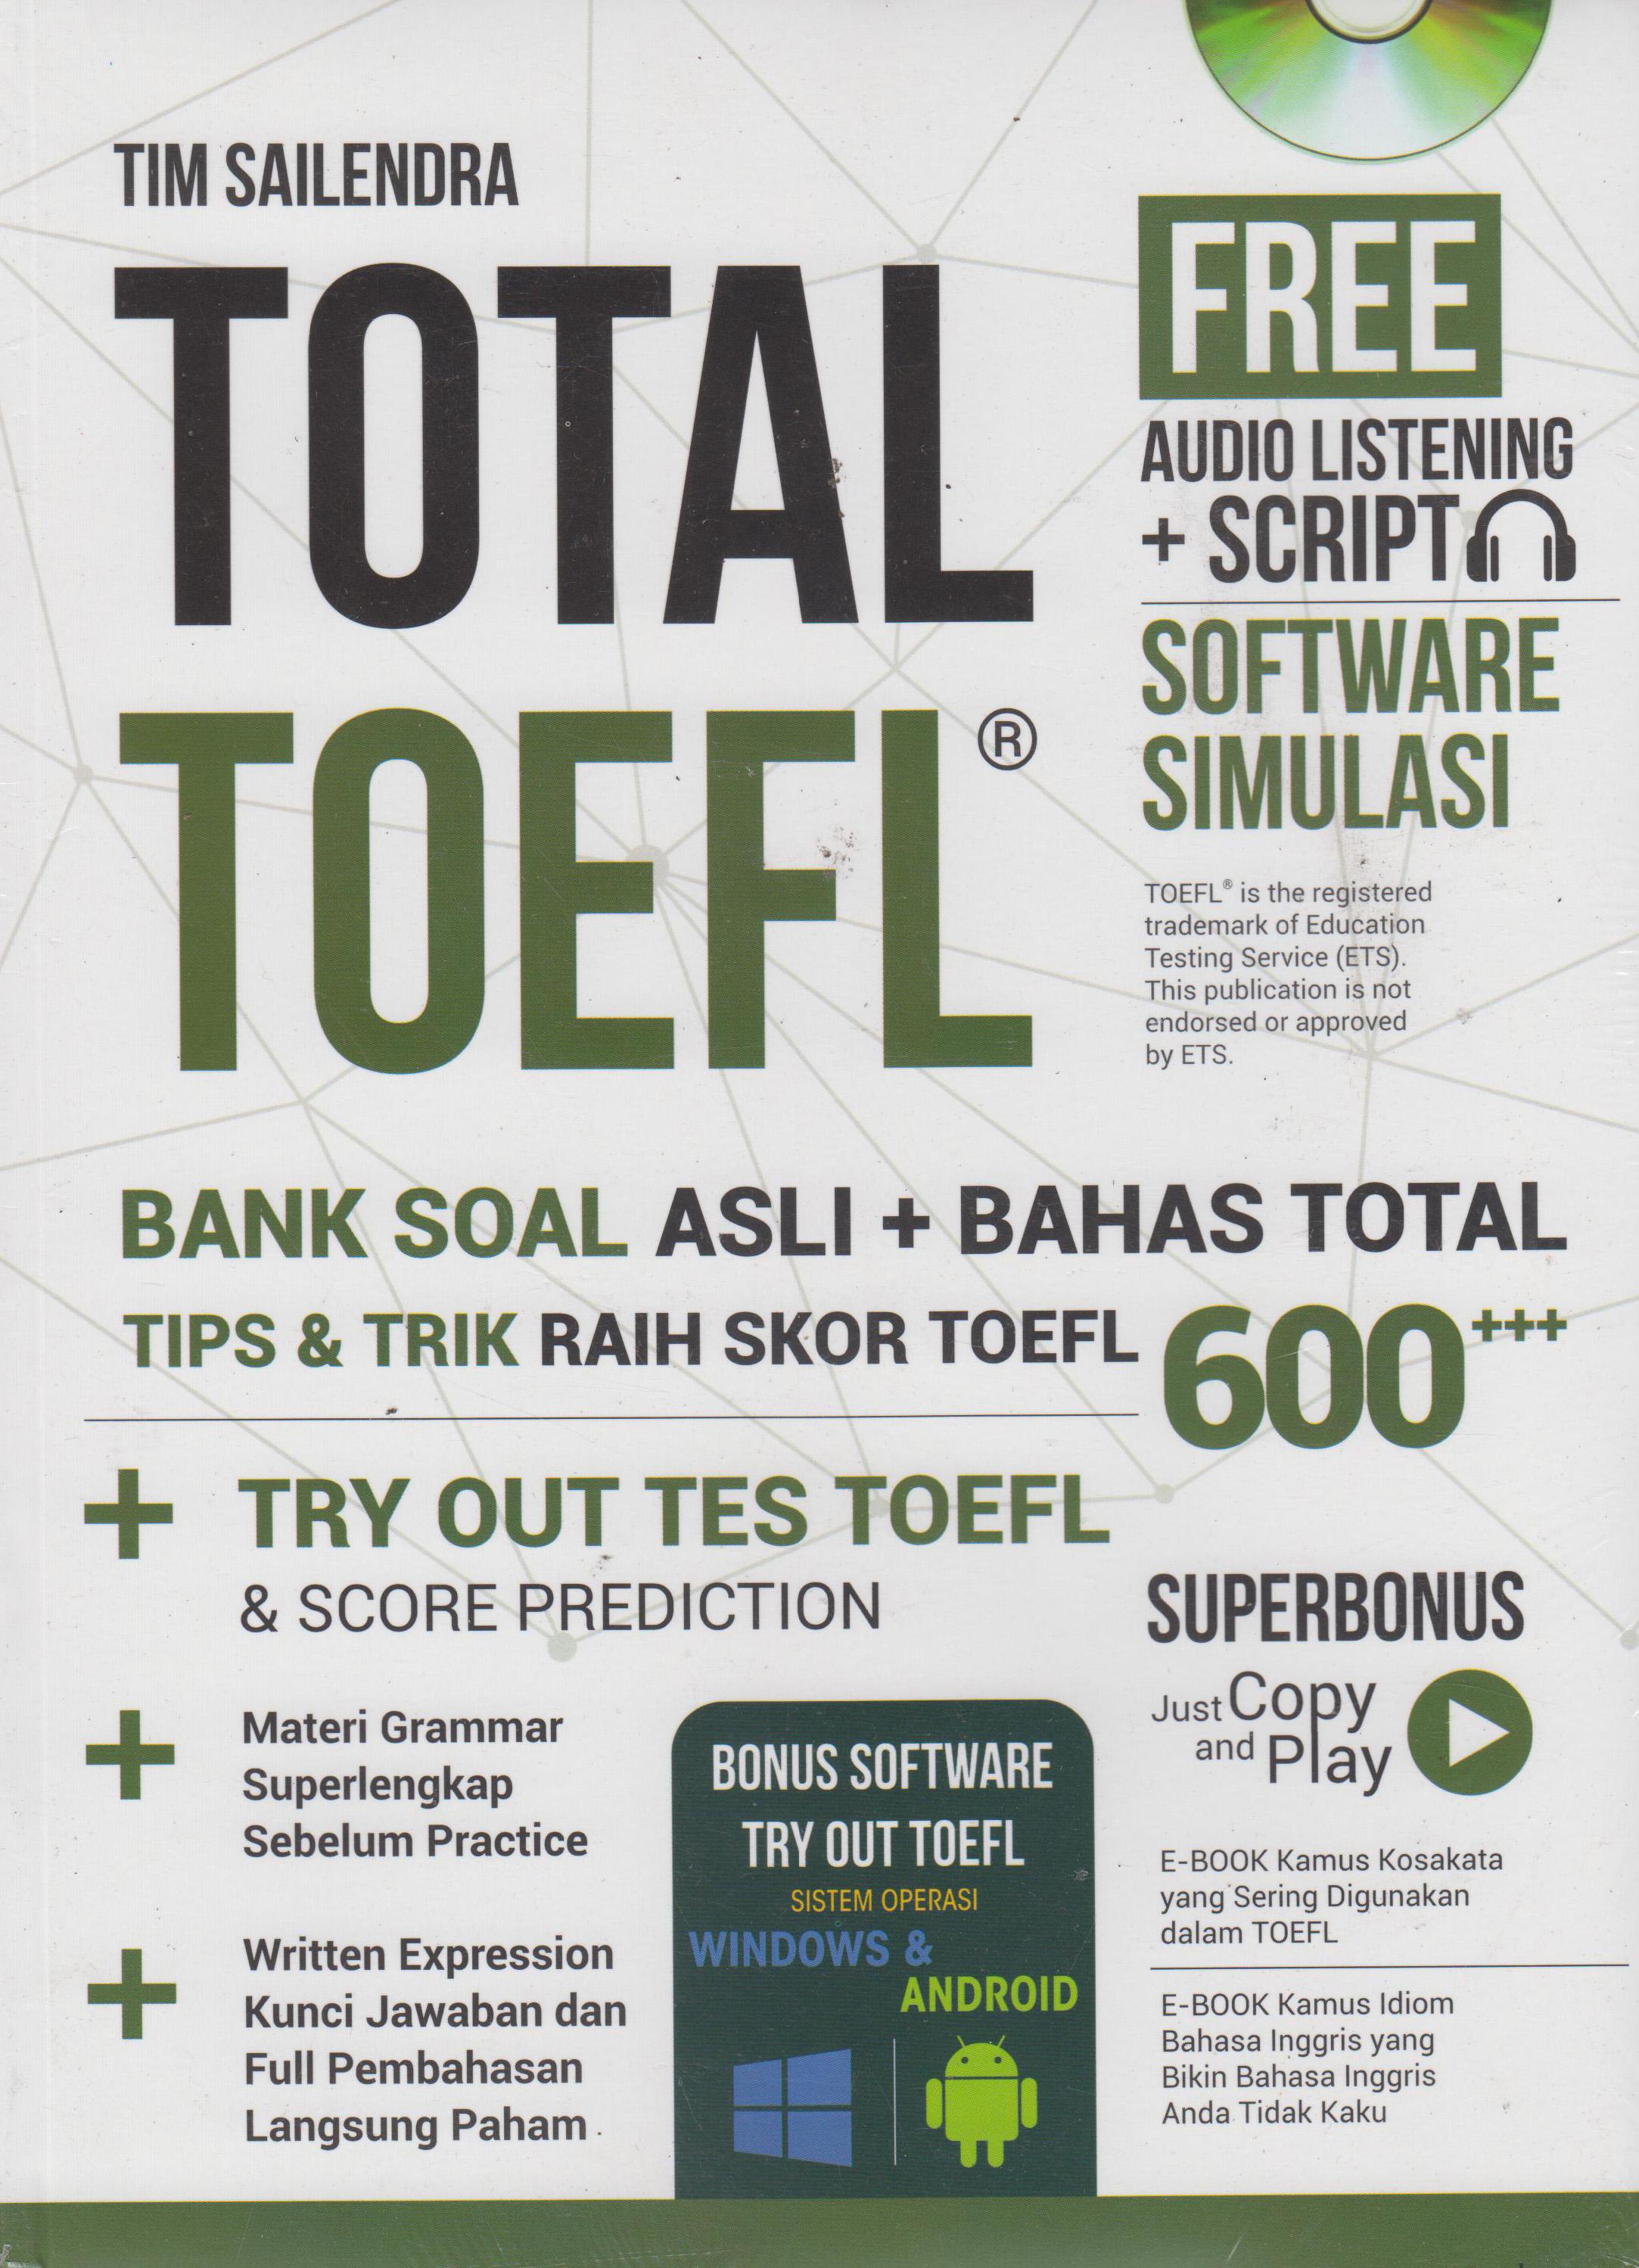 TOTAL TOEFL (BANK SOAL ASLI+BAHAS TOTAL) en